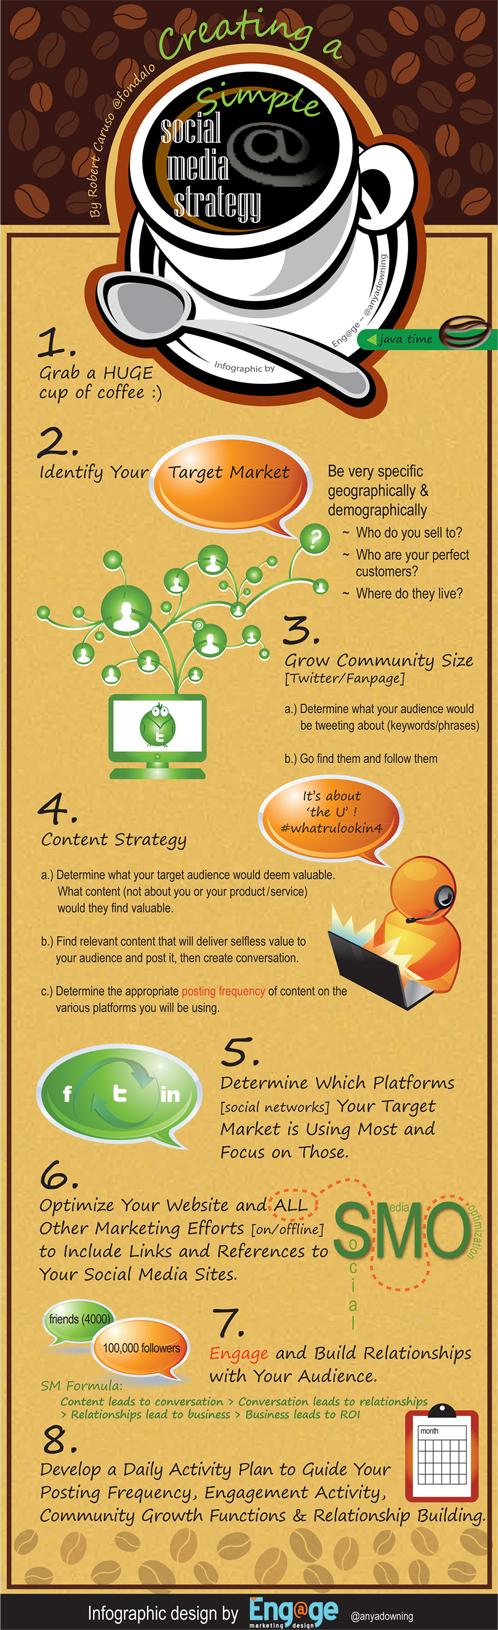 Creating a simple Social Media Strategy  Mit diesem leicht zu folgenden Gerüst zur erfolgreichen #Social-Media-Strategie